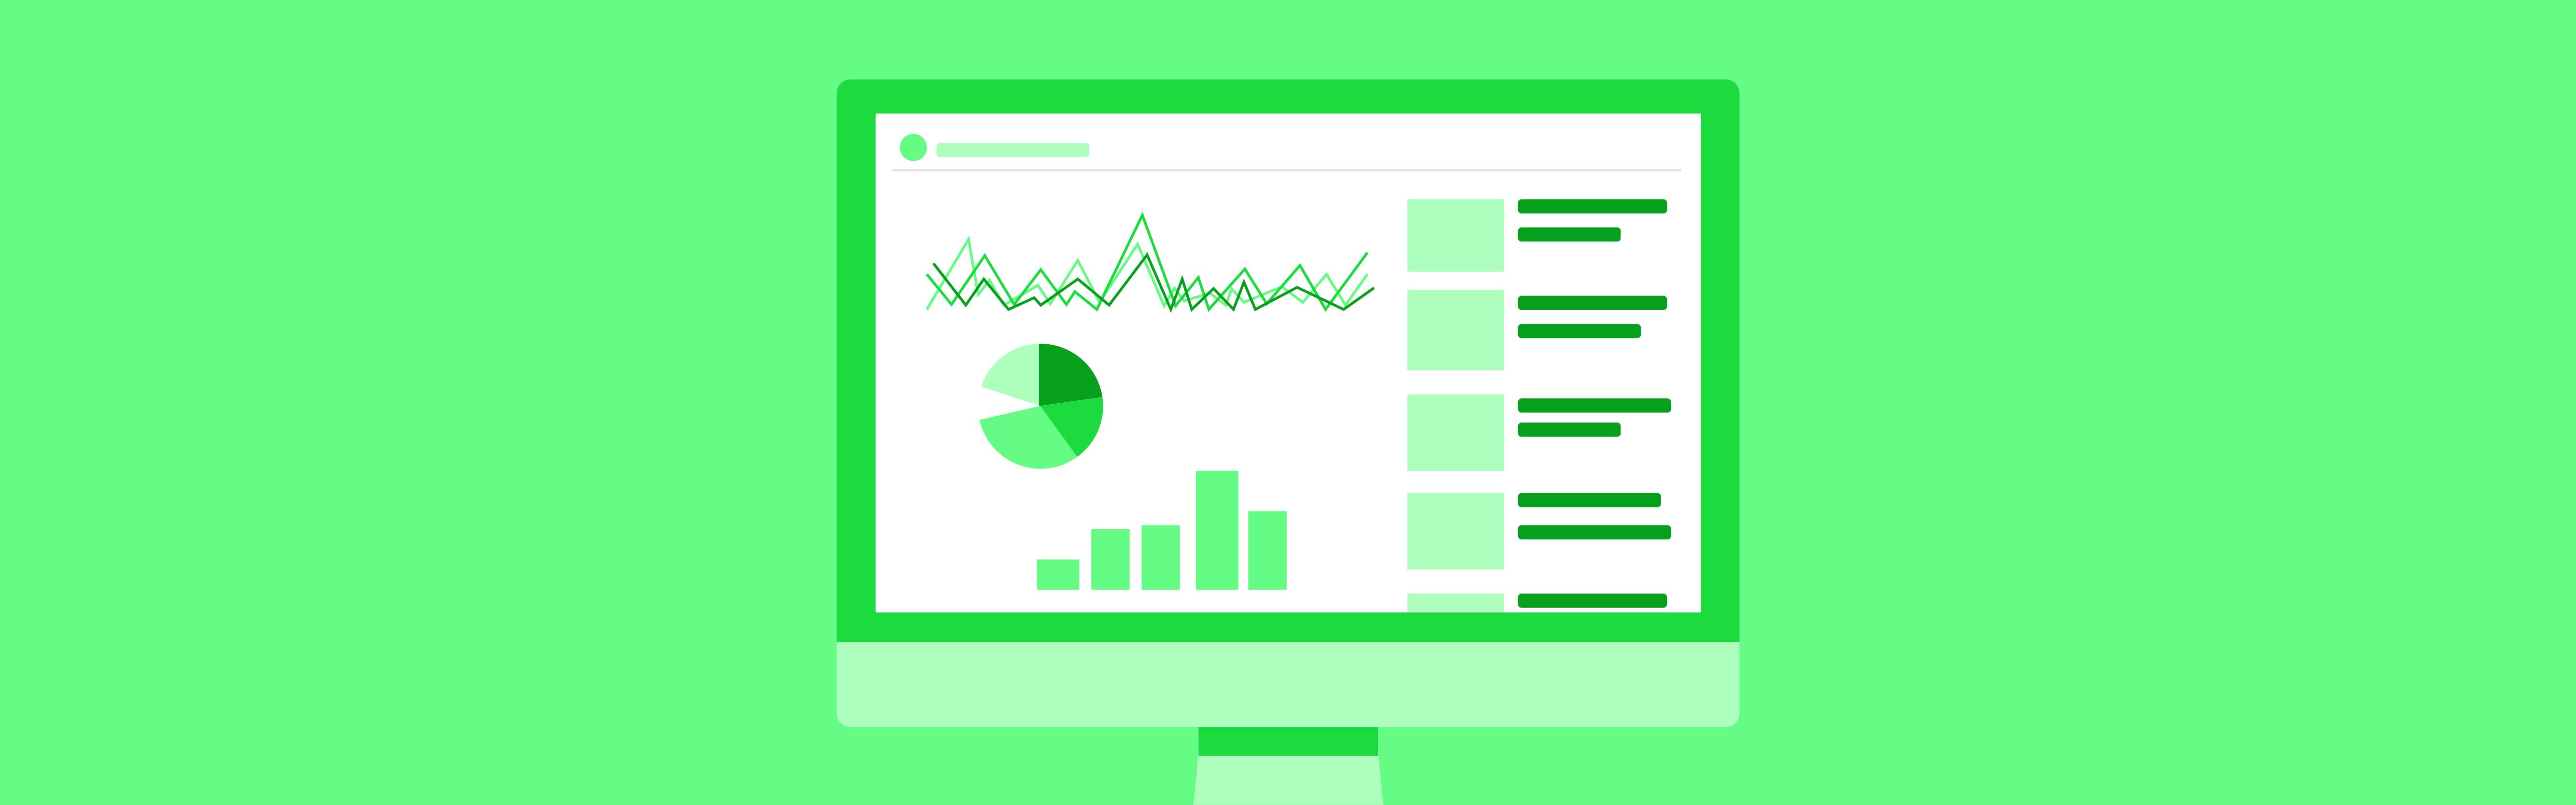 newswhip-analytics